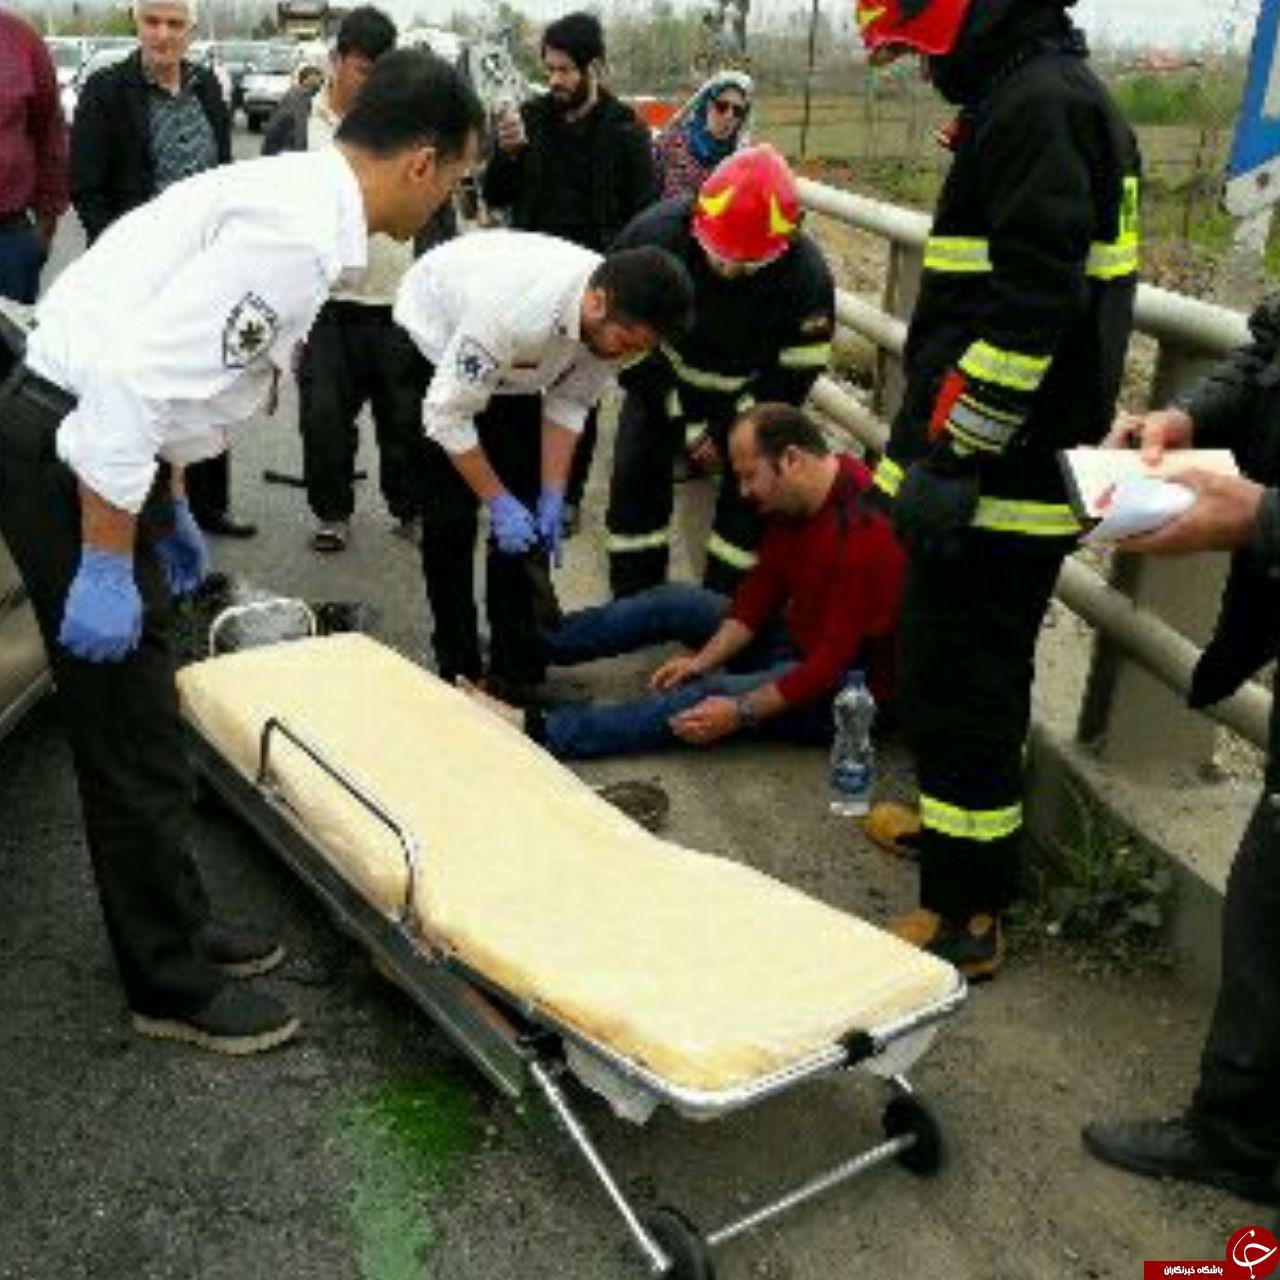 ۴ فوتی و مصدوم در تصادف ال ۹۰ و پژو در پل اباتر شهرستان صومعه سرا+تصاویر